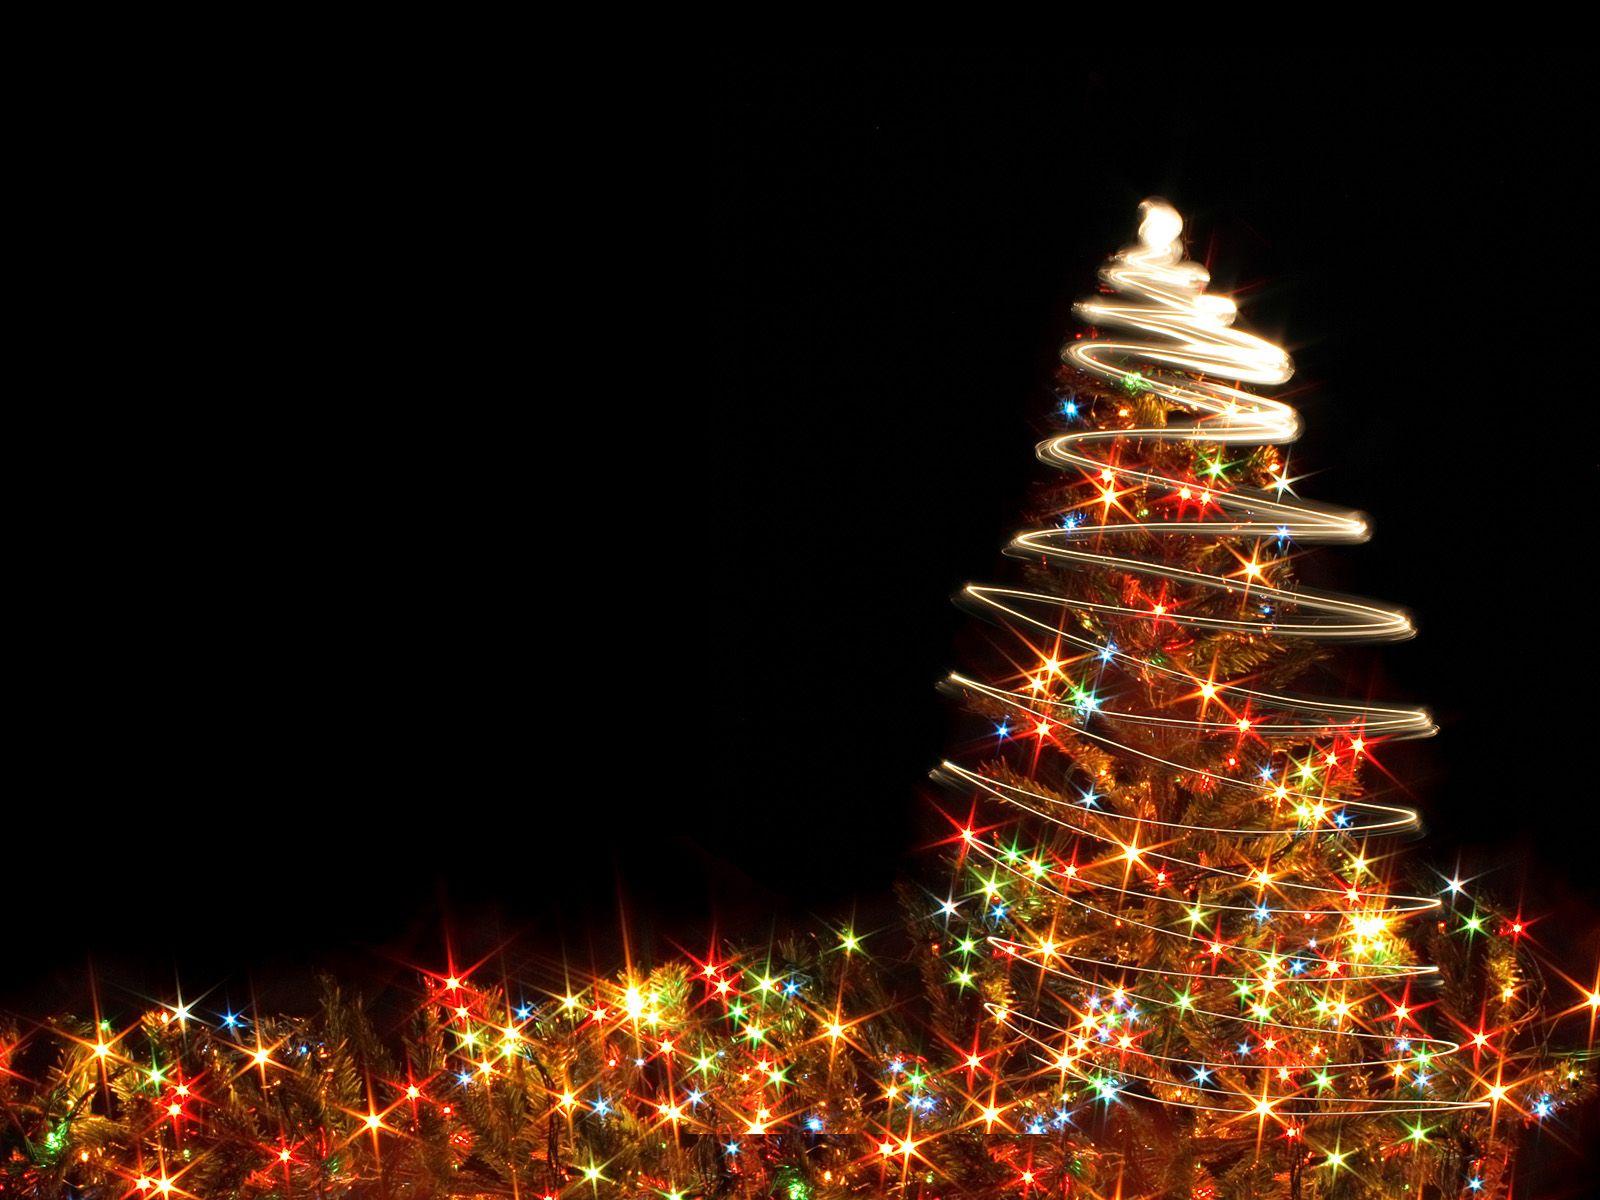 Pin on Bing Christmas 1600x1200